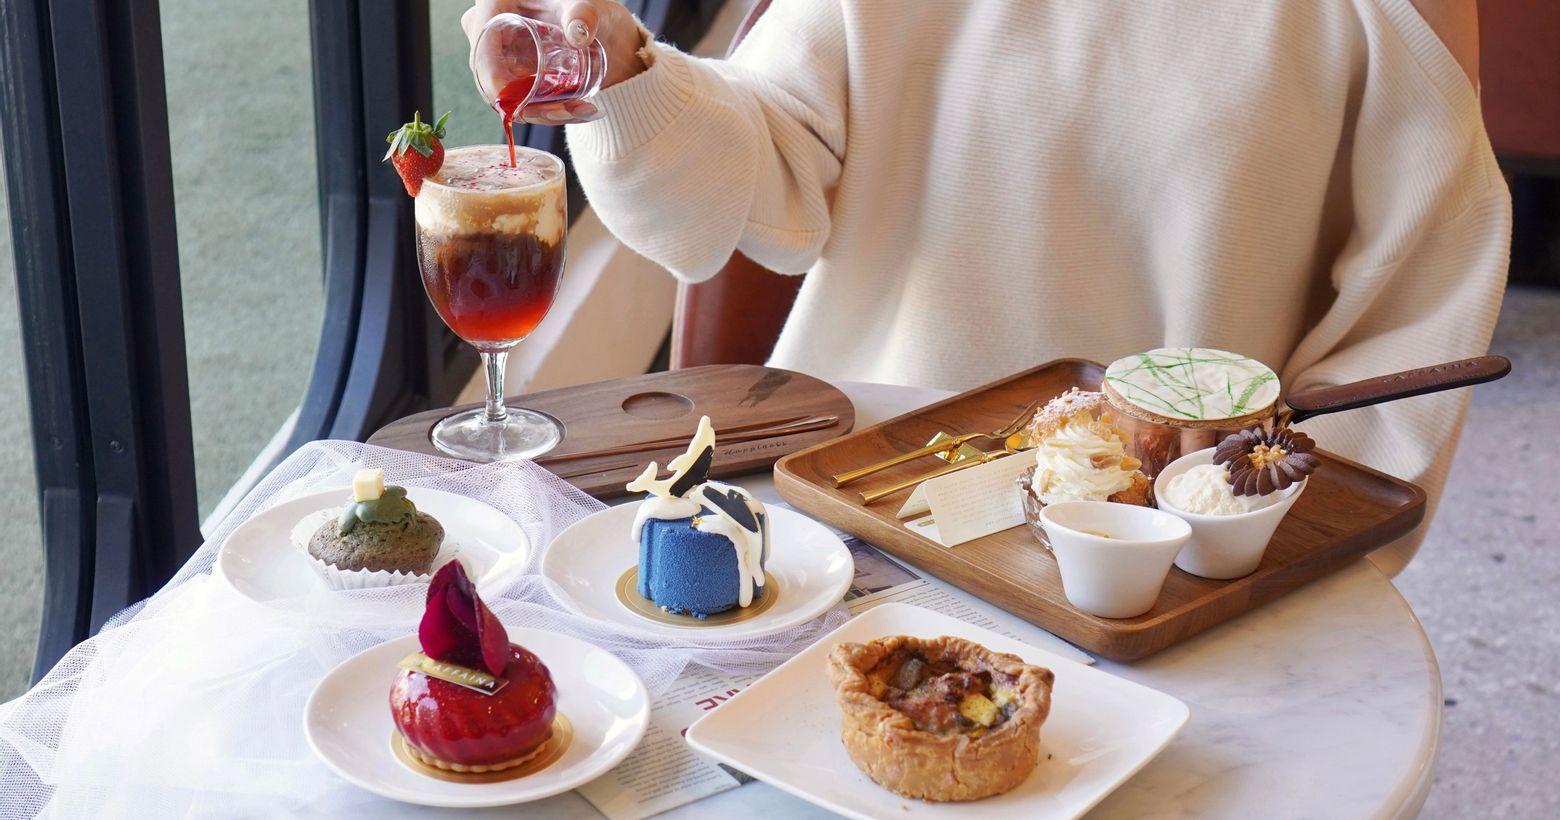 台南安平區美食【卡啡那 台南市府店】CP值爆表!超平價親民的歐式貴族咖啡廳,給你貴婦般的頂級享受|台